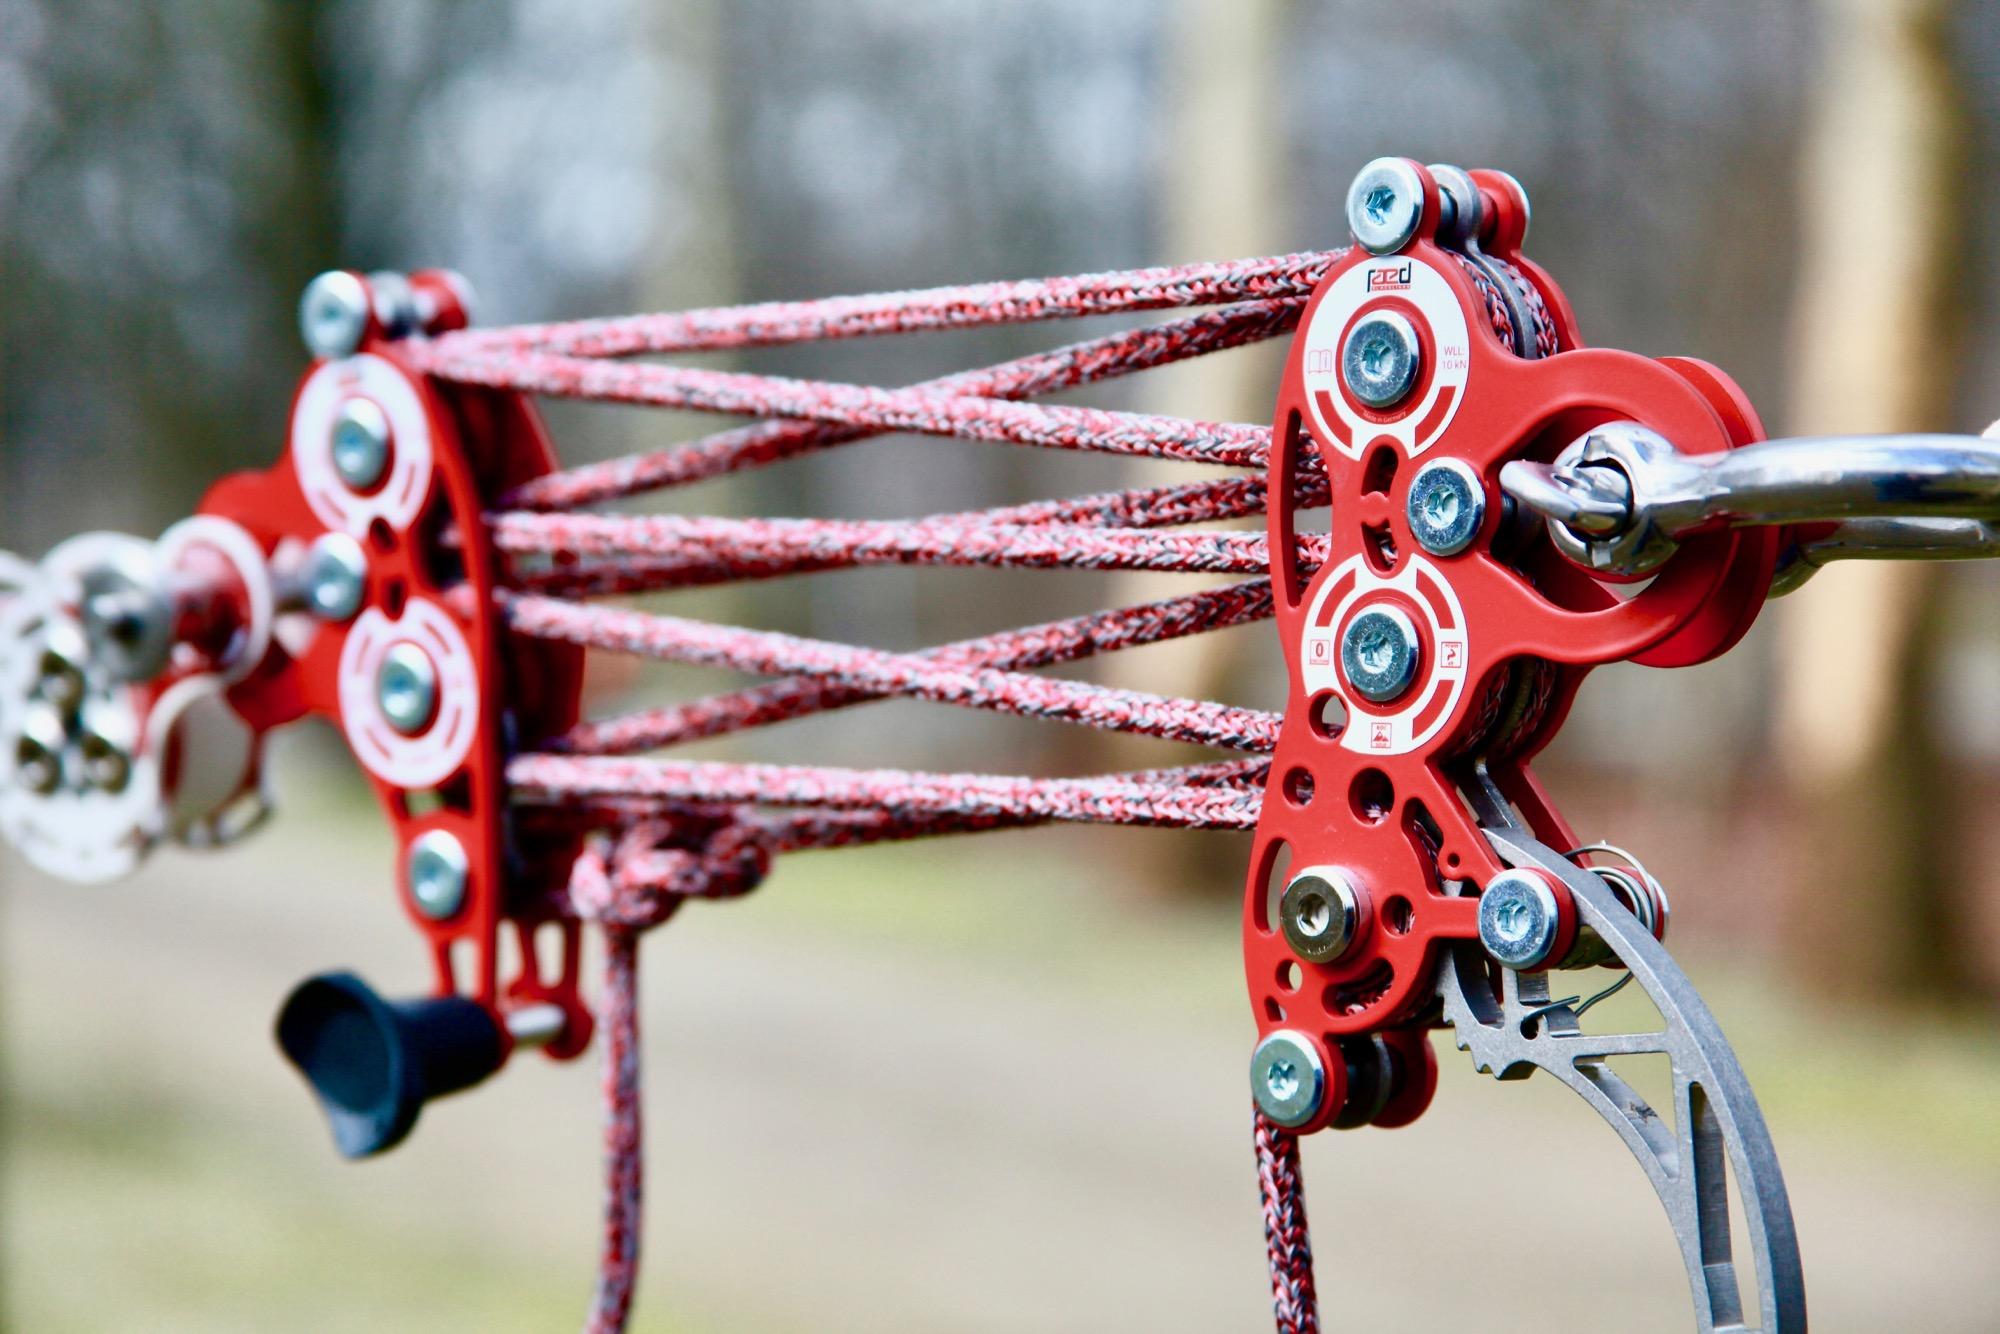 BLNC 9:1 slackline pulley system